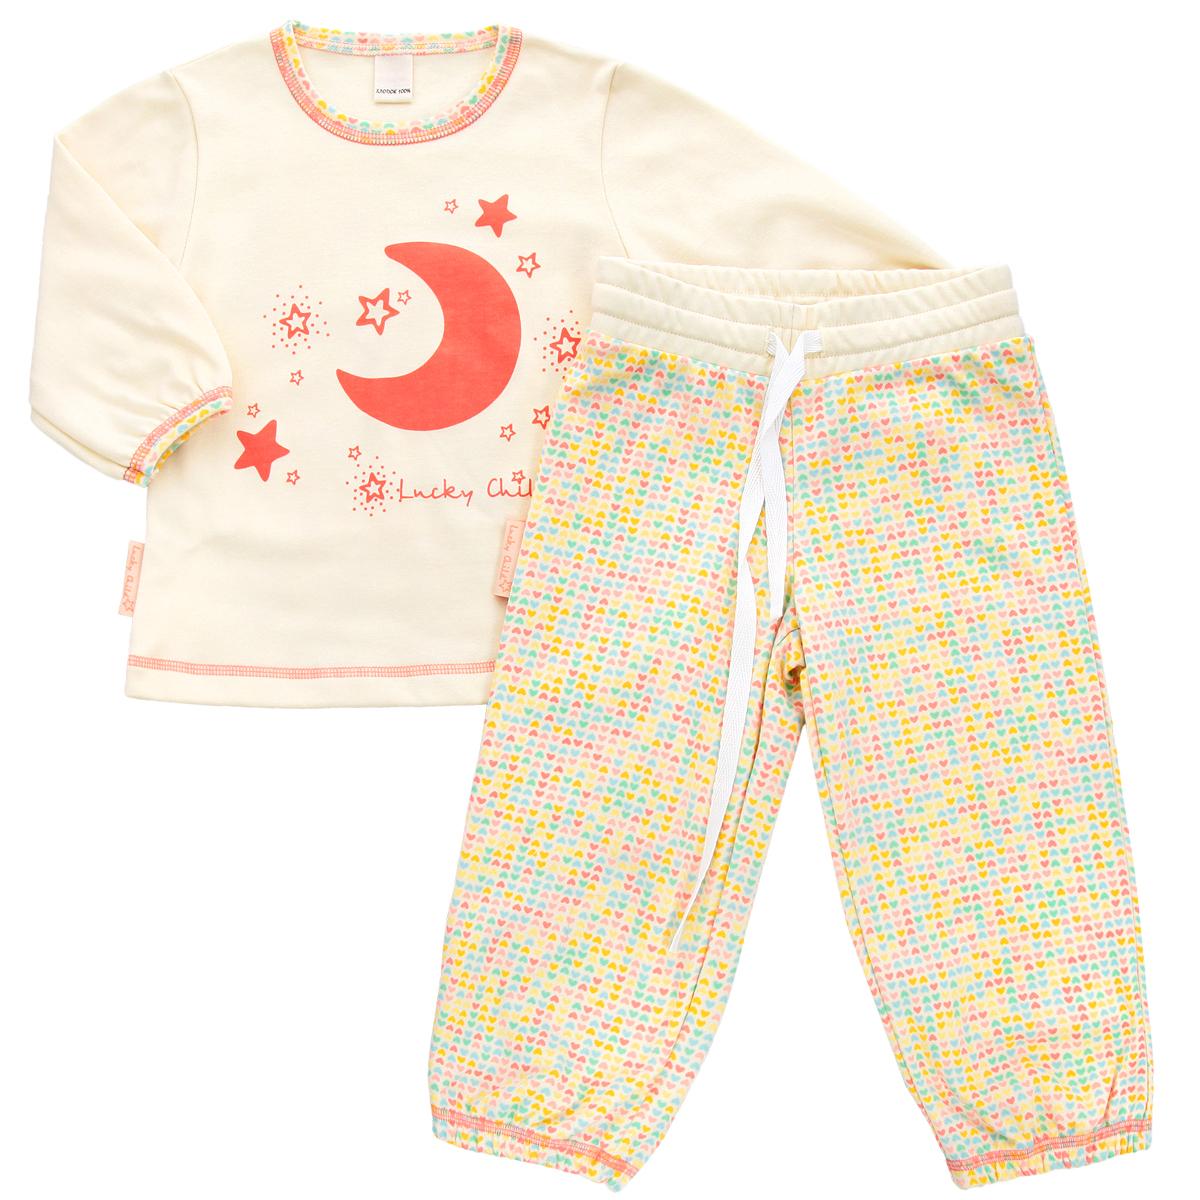 Пижама для девочки Lucky Child, цвет: кремовый, желтый, оранжевый. 12-400. Размер 128/13412-400Очаровательная пижама для девочки Lucky Child, состоящая из футболки с длинным рукавом и брюк, идеально подойдет вашей дочурке и станет отличным дополнением к детскому гардеробу. Изготовленная из натурального хлопка - интерлока, она необычайно мягкая и приятная на ощупь, не раздражает нежную кожу ребенка и хорошо вентилируется, а эластичные швы приятны телу и не препятствуют его движениям.Футболка трапециевидного кроя с длинными рукавами и круглым вырезом горловины оформлена спереди оригинальной термоаппликацией в виде месяца, а также изображением звездочек и названием бренда. Горловина и низ рукавов оформлены принтом с мелким изображением сердечек. Низ изделия оформлен контрастной фигурной прострочкой. Брюки на талии имеют широкий эластичный пояс со шнурком, благодаря чему они не сдавливают животик ребенка и не сползают. Низ брючин присборен на эластичные резинки. Оформлены брюки принтом с мелким изображением сердечек по всей поверхности. Такая пижама идеально подойдет вашей дочурке, а мягкие полотна позволят ей комфортно чувствовать себя во время сна!